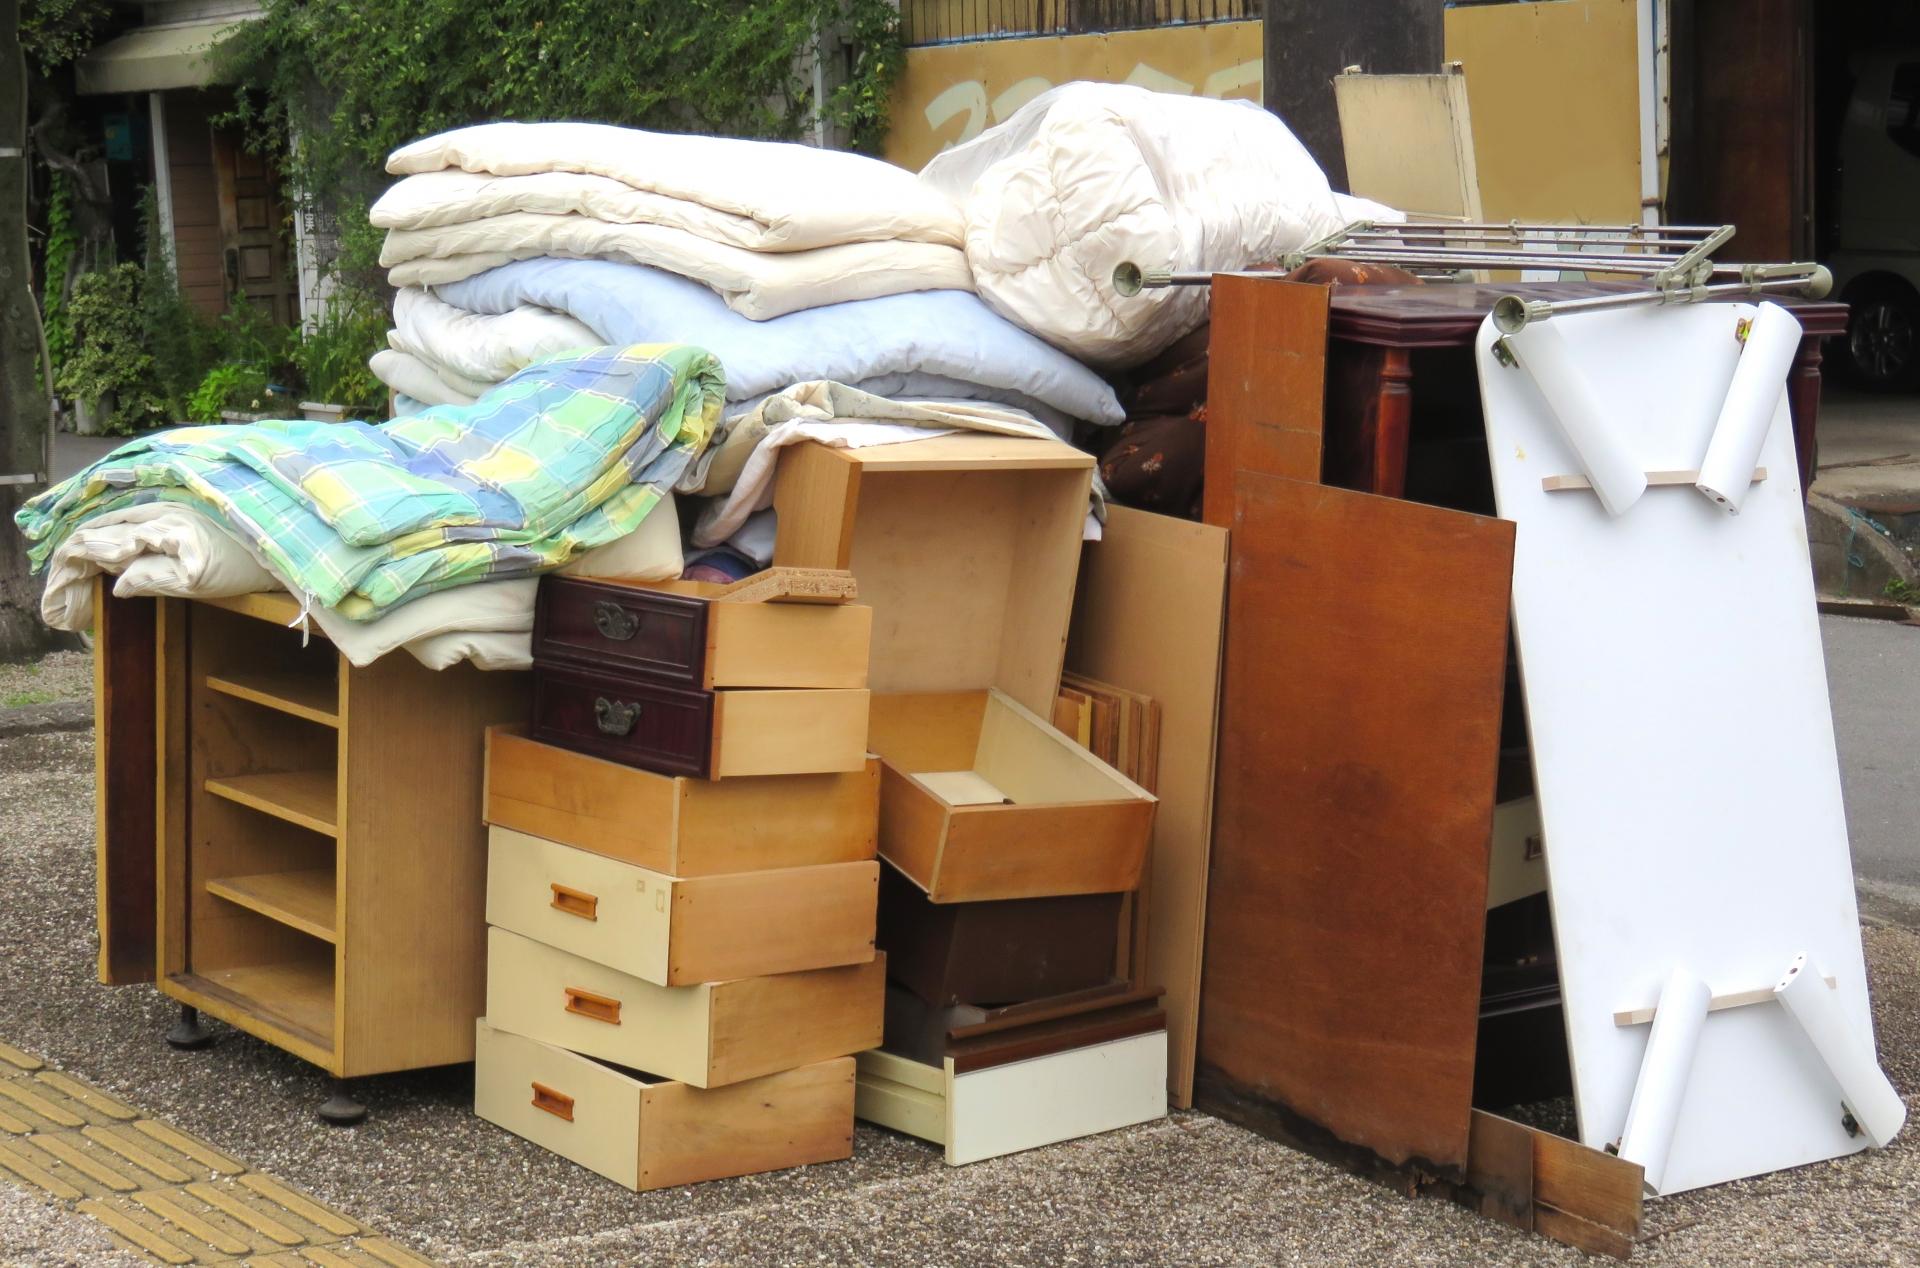 浅草で粗大ごみ・不用品回収をお考えの方へ:台東区 - 粗大ごみ受付